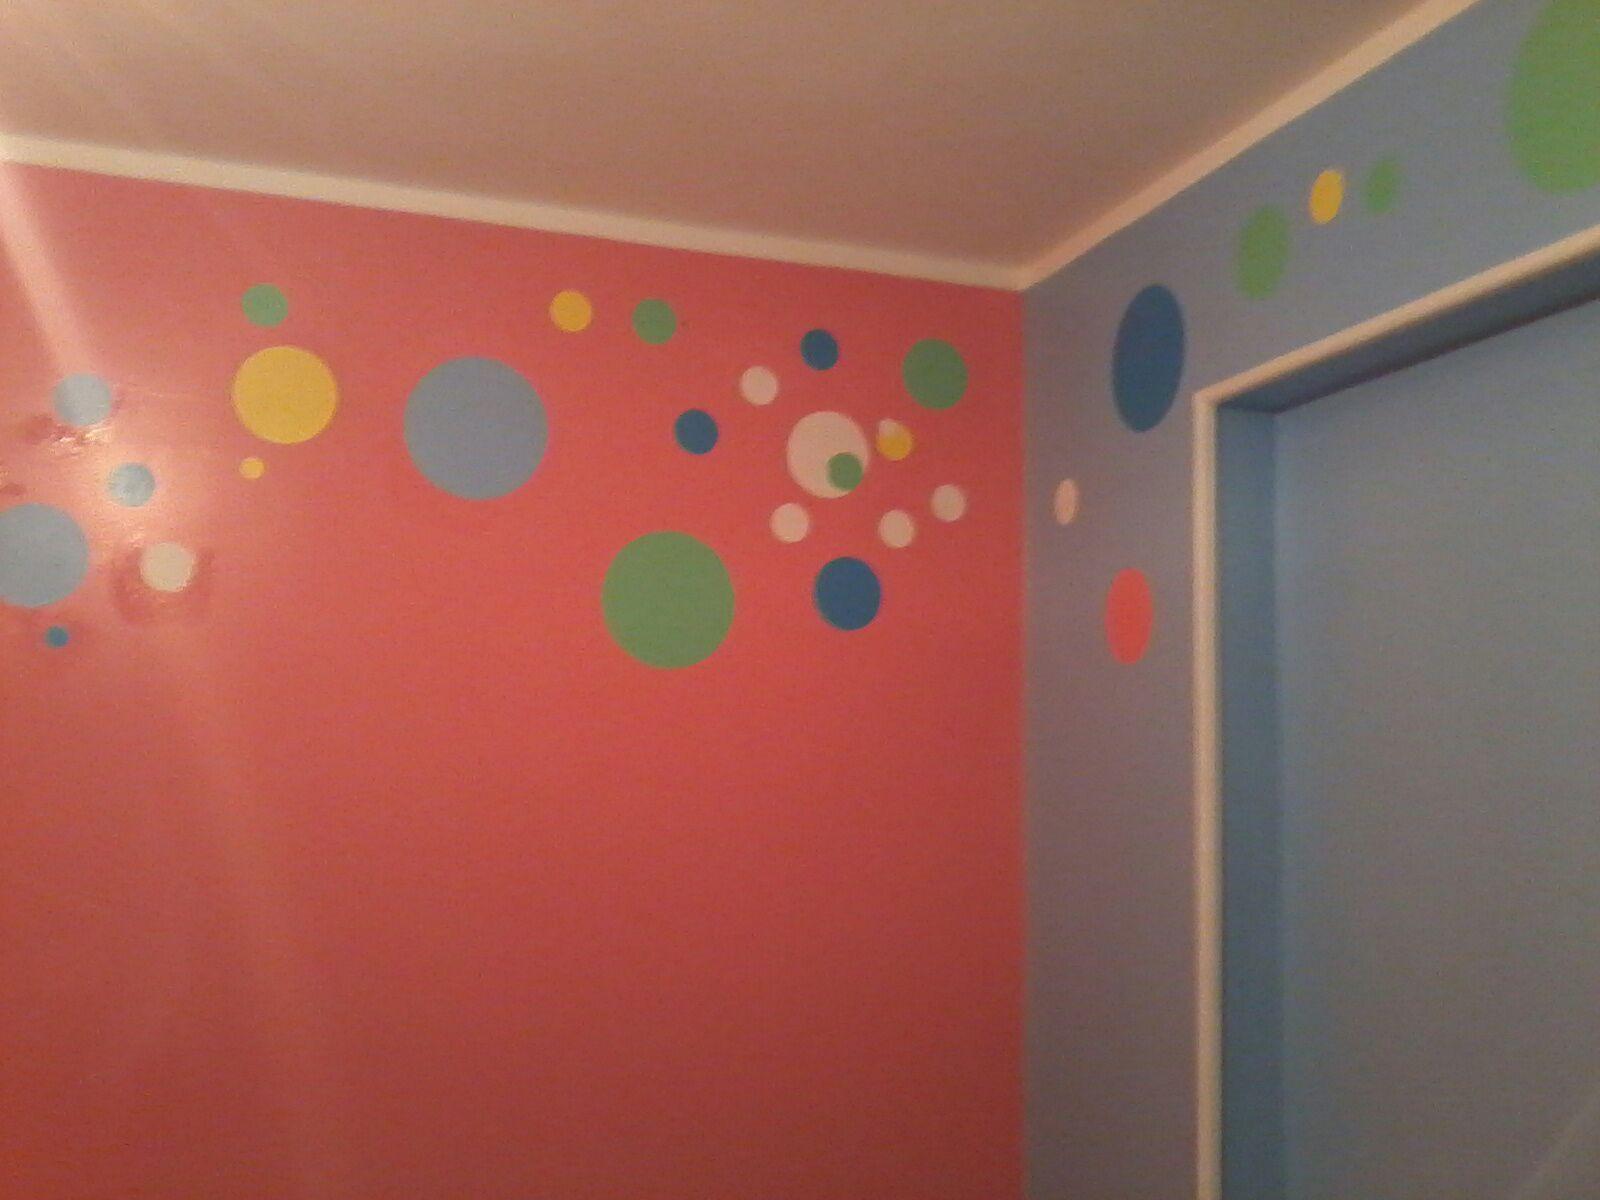 بالصور نقاشة غرف اطفال , اشكال لغرف نوم الاطفال 4750 10